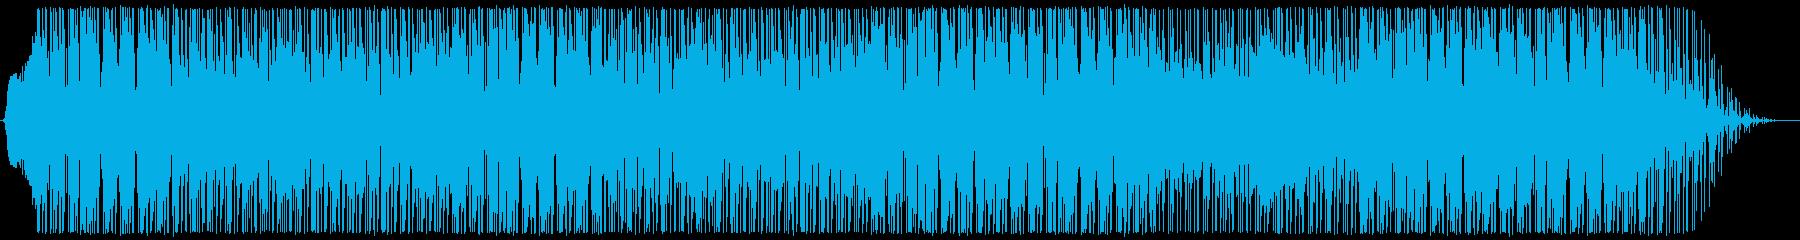 本物のアップビートな雰囲気のファン...の再生済みの波形